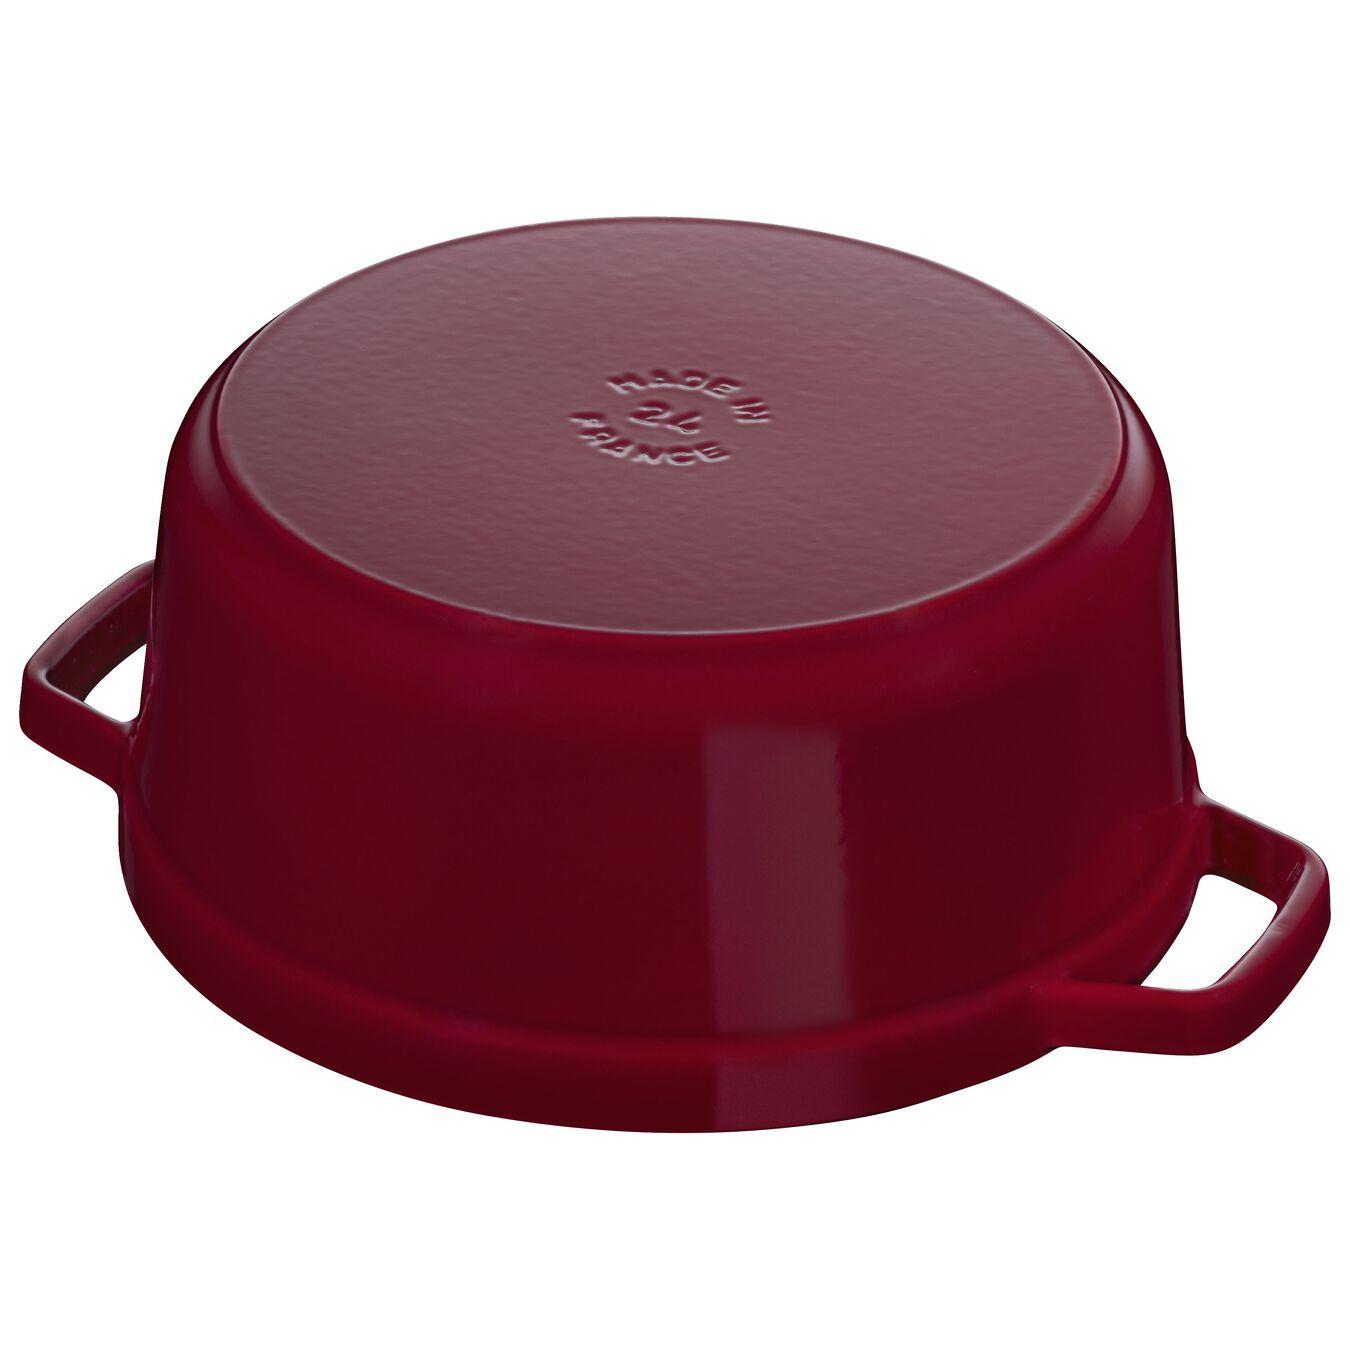 3.75 l Cast iron round Cocotte, Bordeaux - Visual Imperfections,,large 4